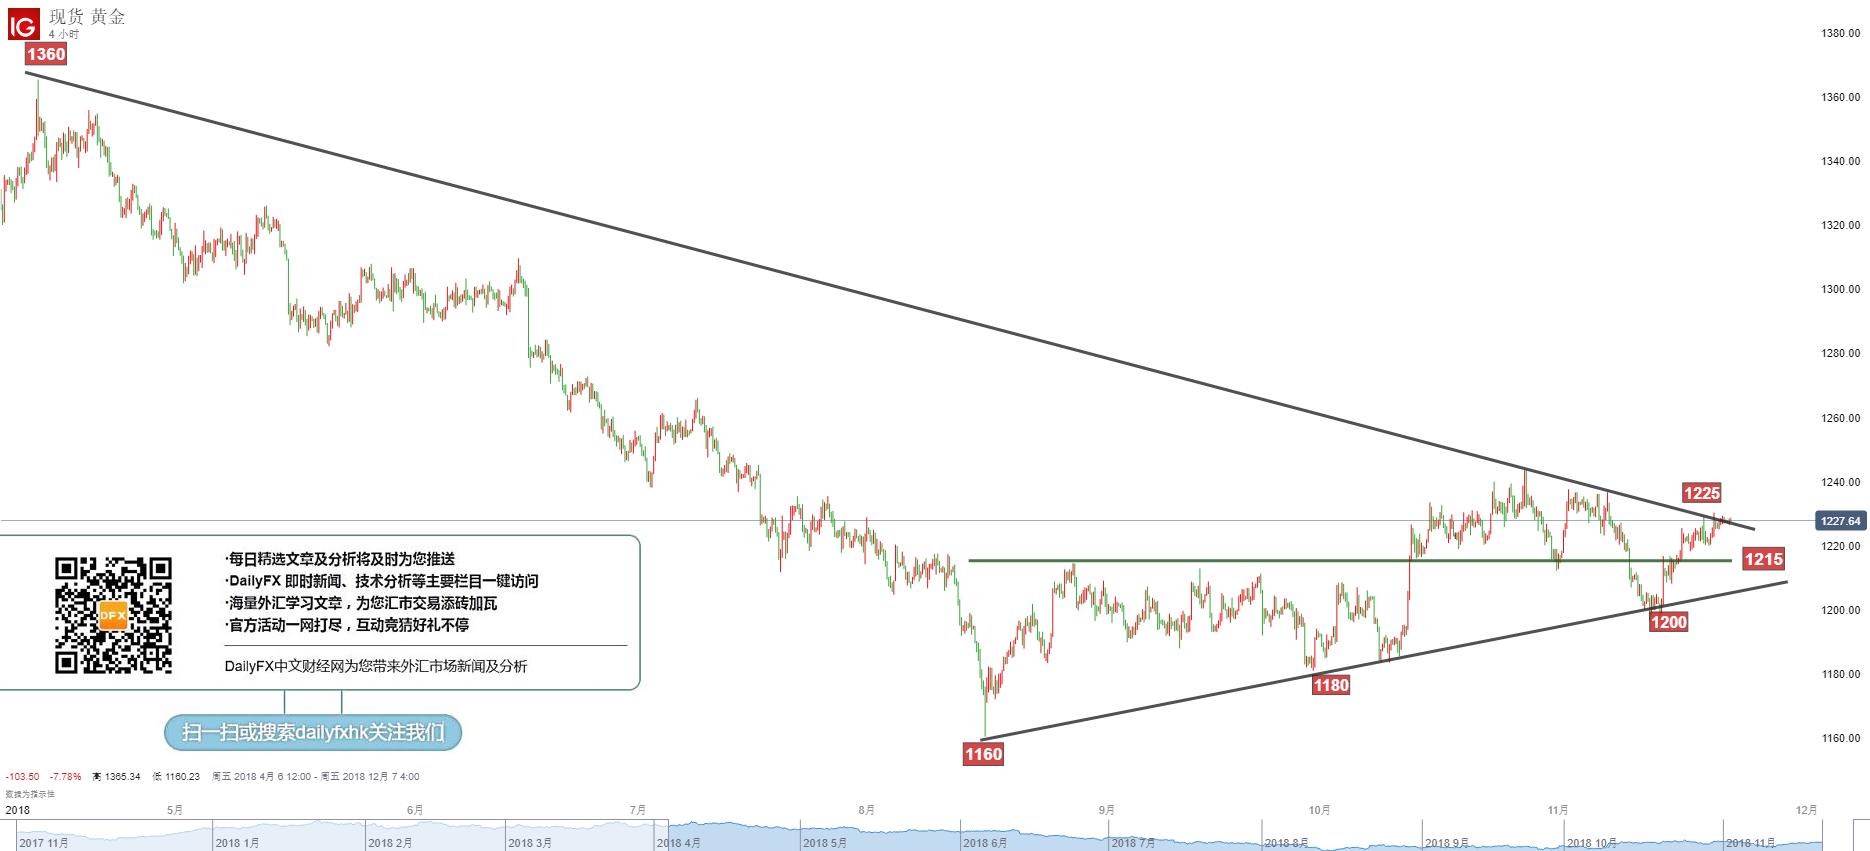 黃金/美元技術分析:繼續關注盤局,耐心等待